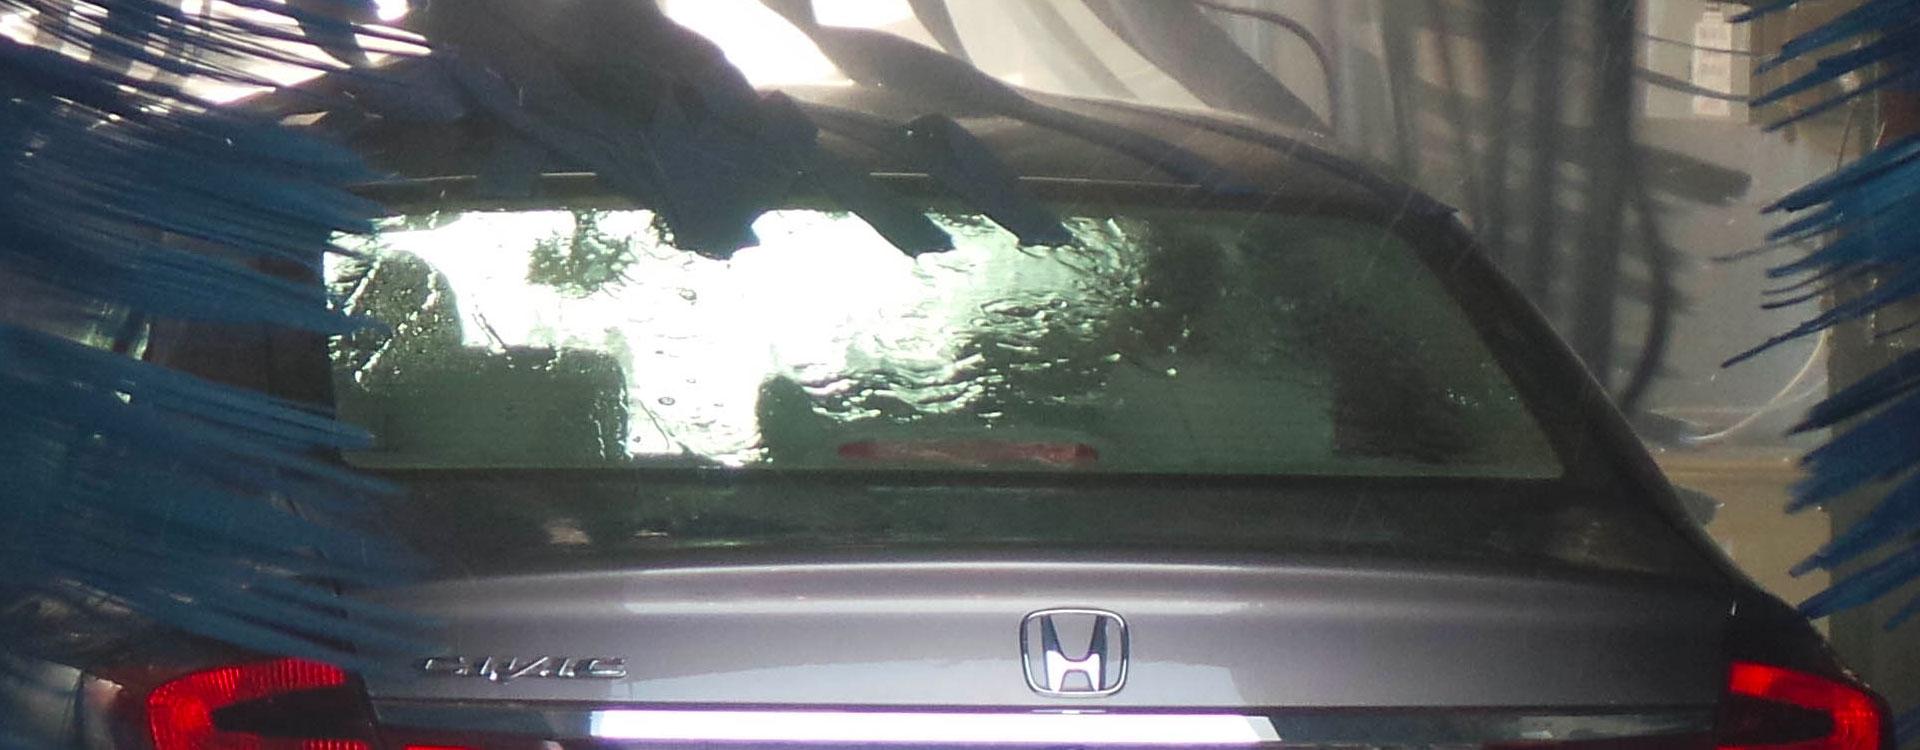 slider-car-wash2